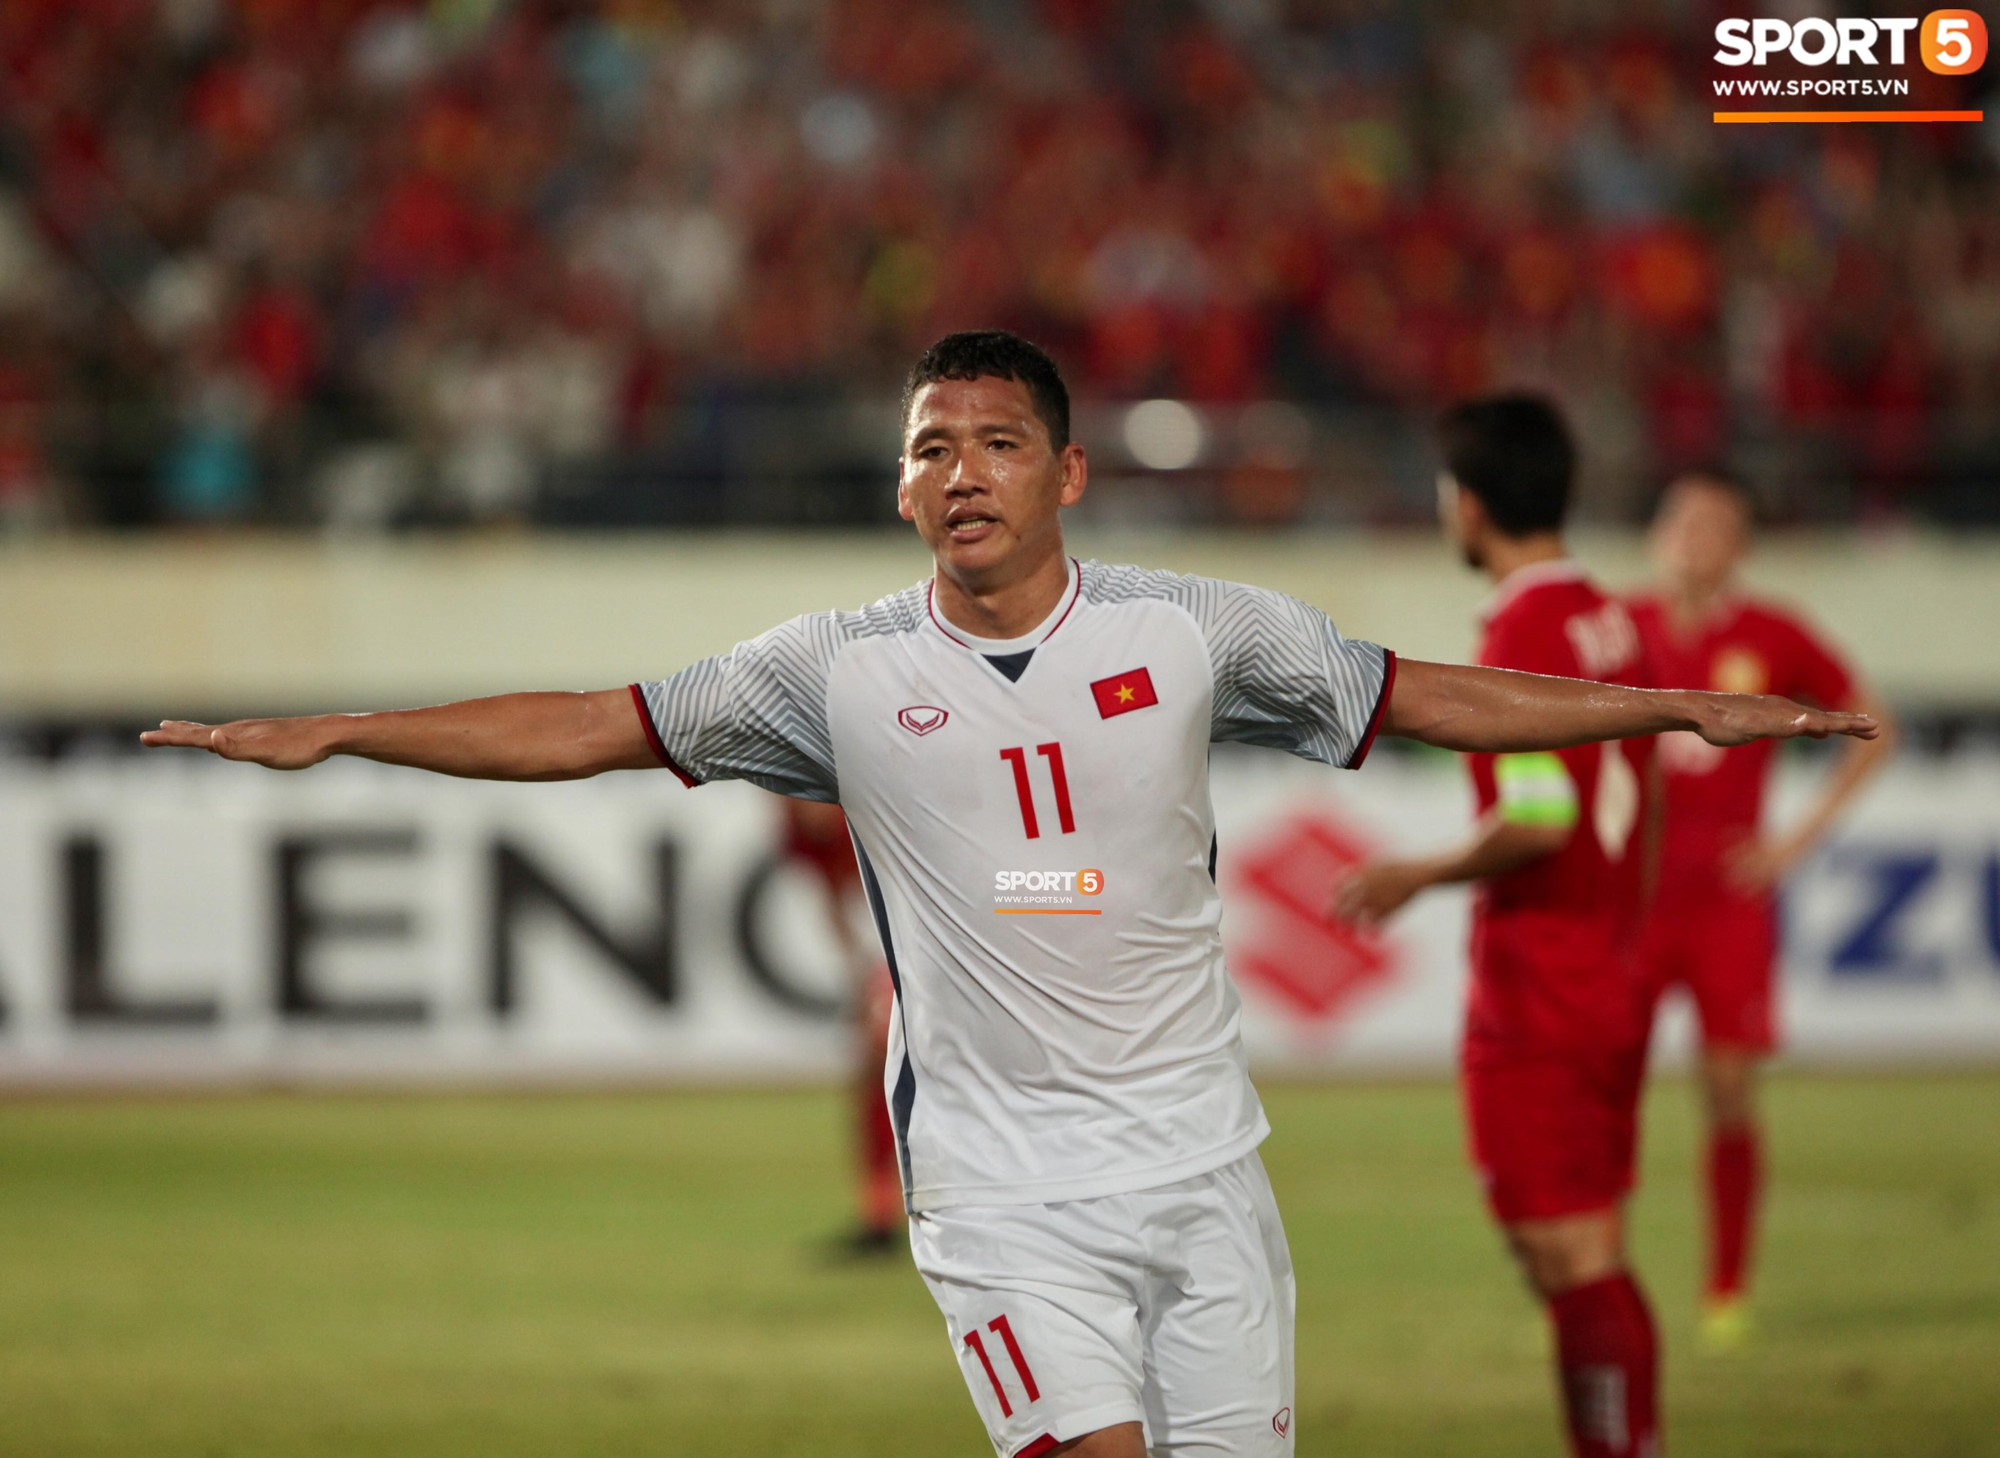 Đoàn Văn Hậu dùng tay chơi bóng, nhận thẻ vàng tại AFF CUP 2018- Ảnh 9.